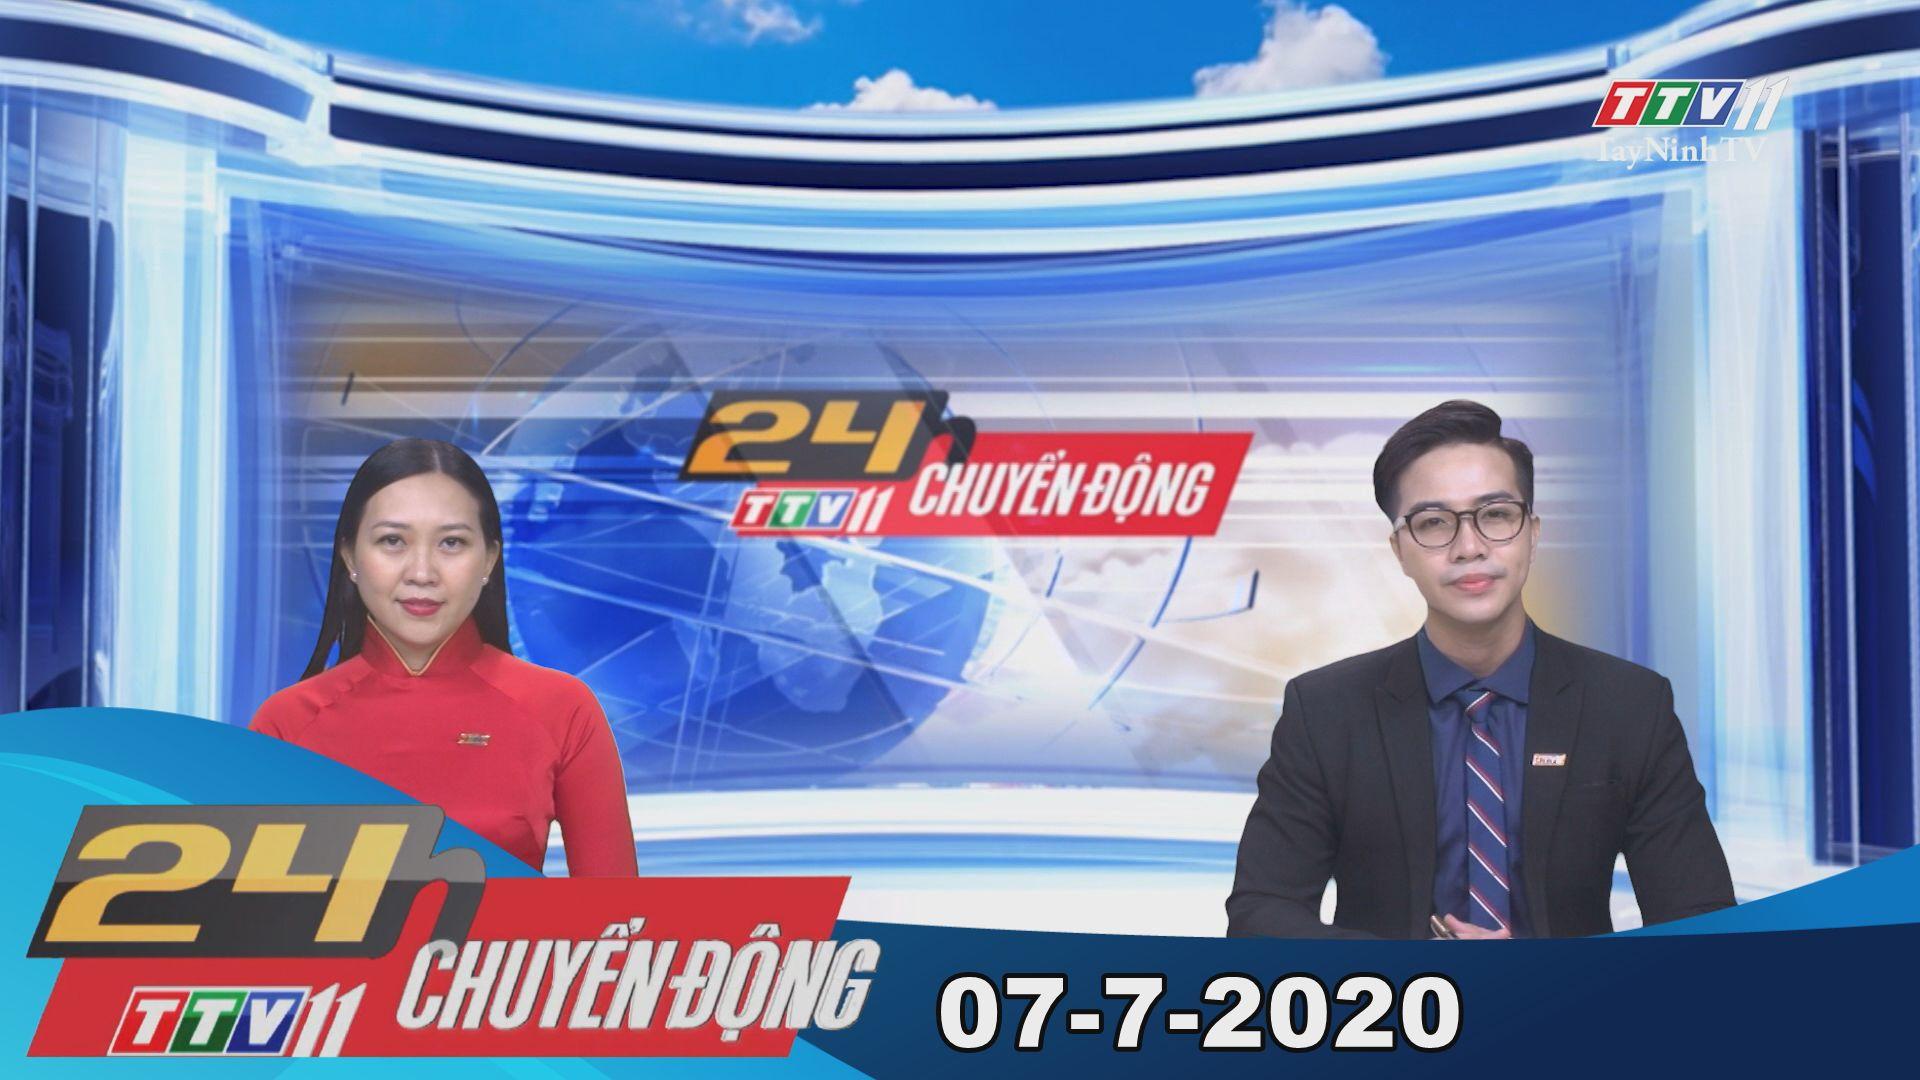 24h Chuyển động 07-7-2020 | Tin tức hôm nay | TayNinhTV